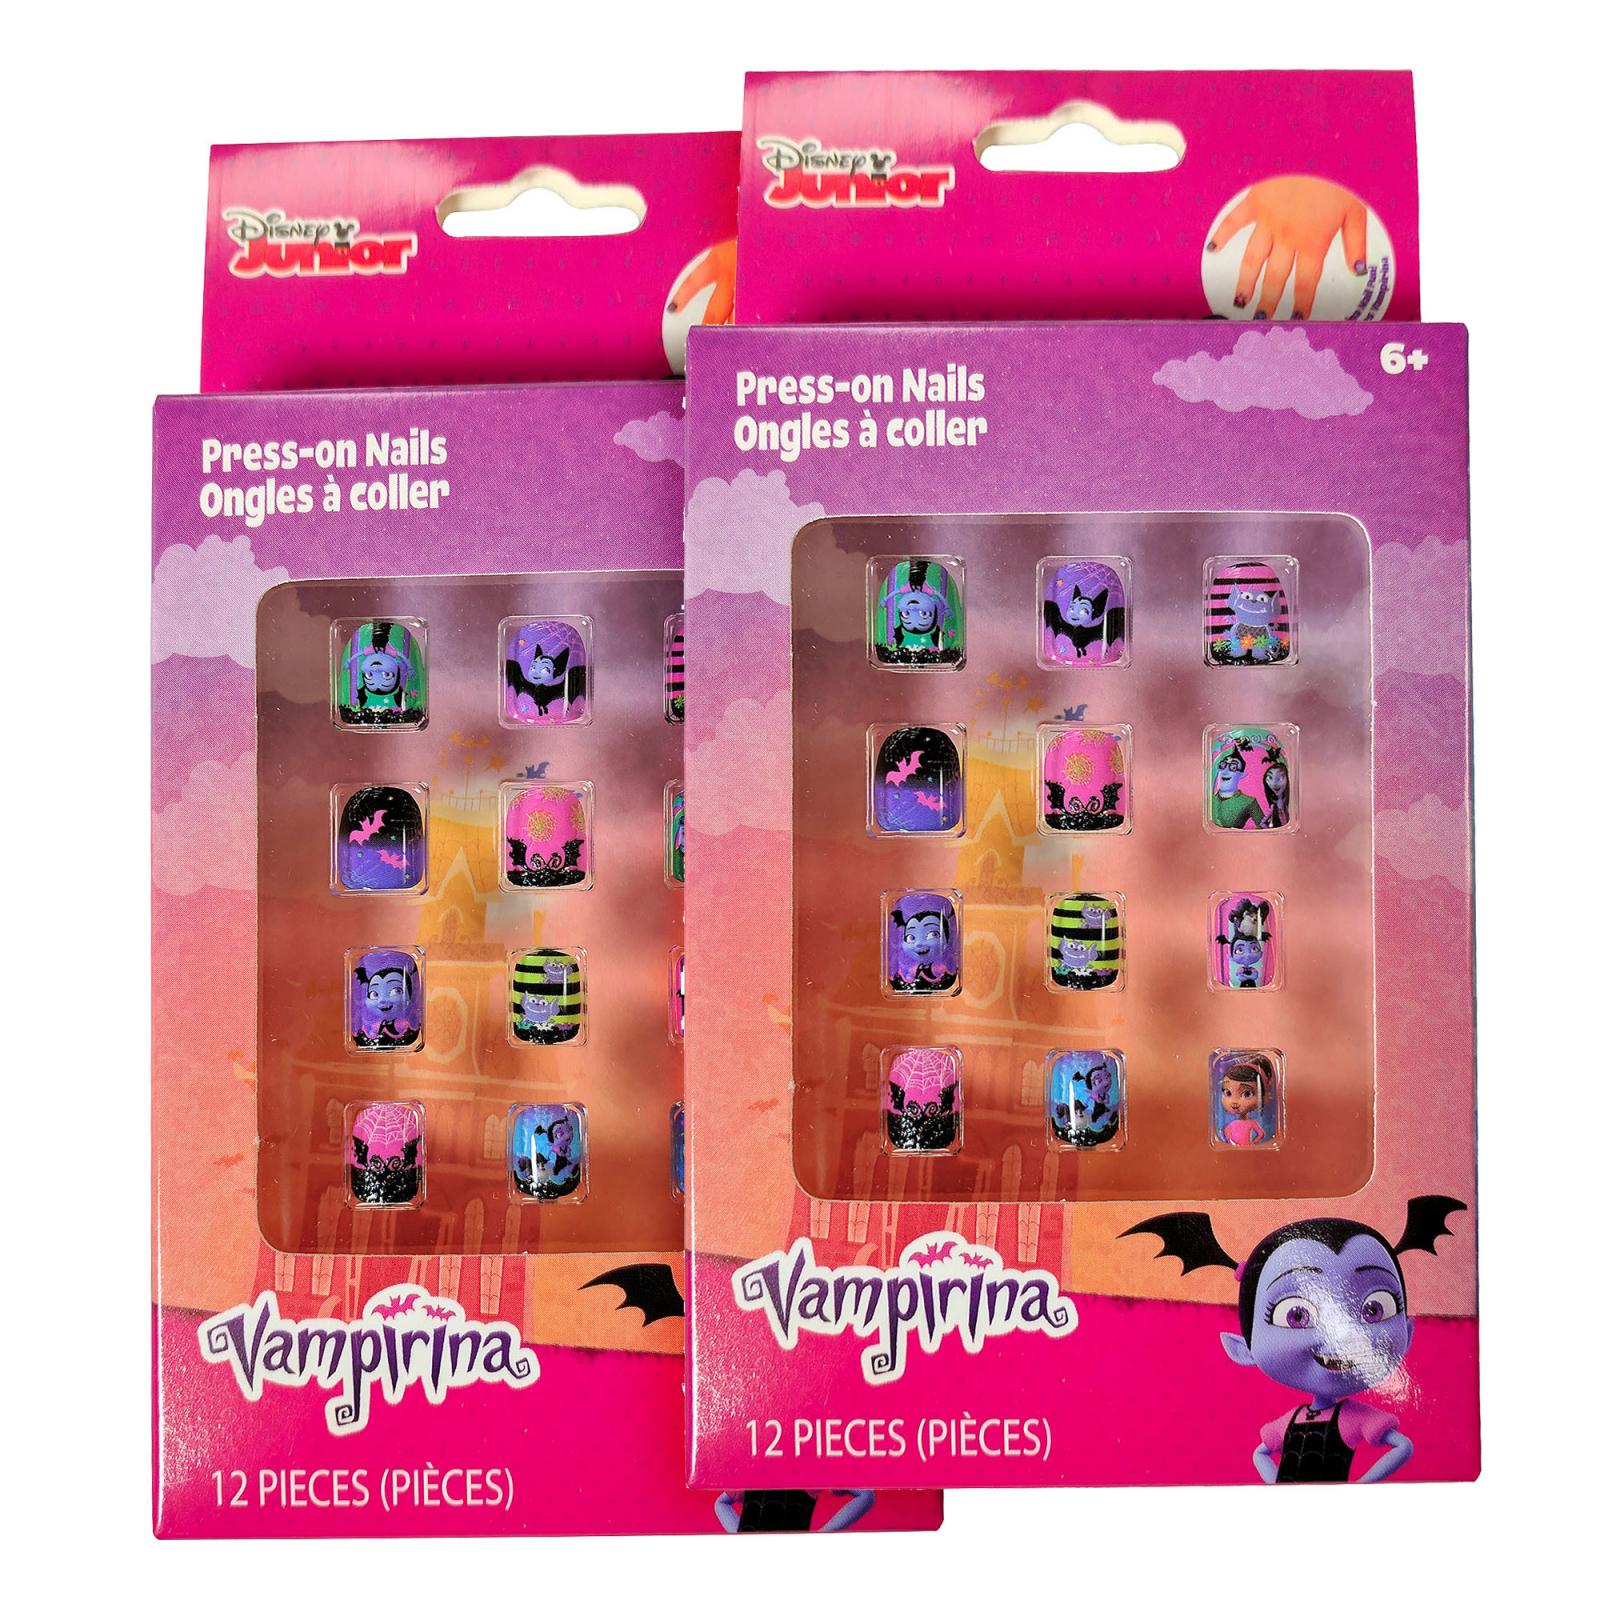 Vampirina Kids Press On Nails 12 Piece Set - 2 Pack